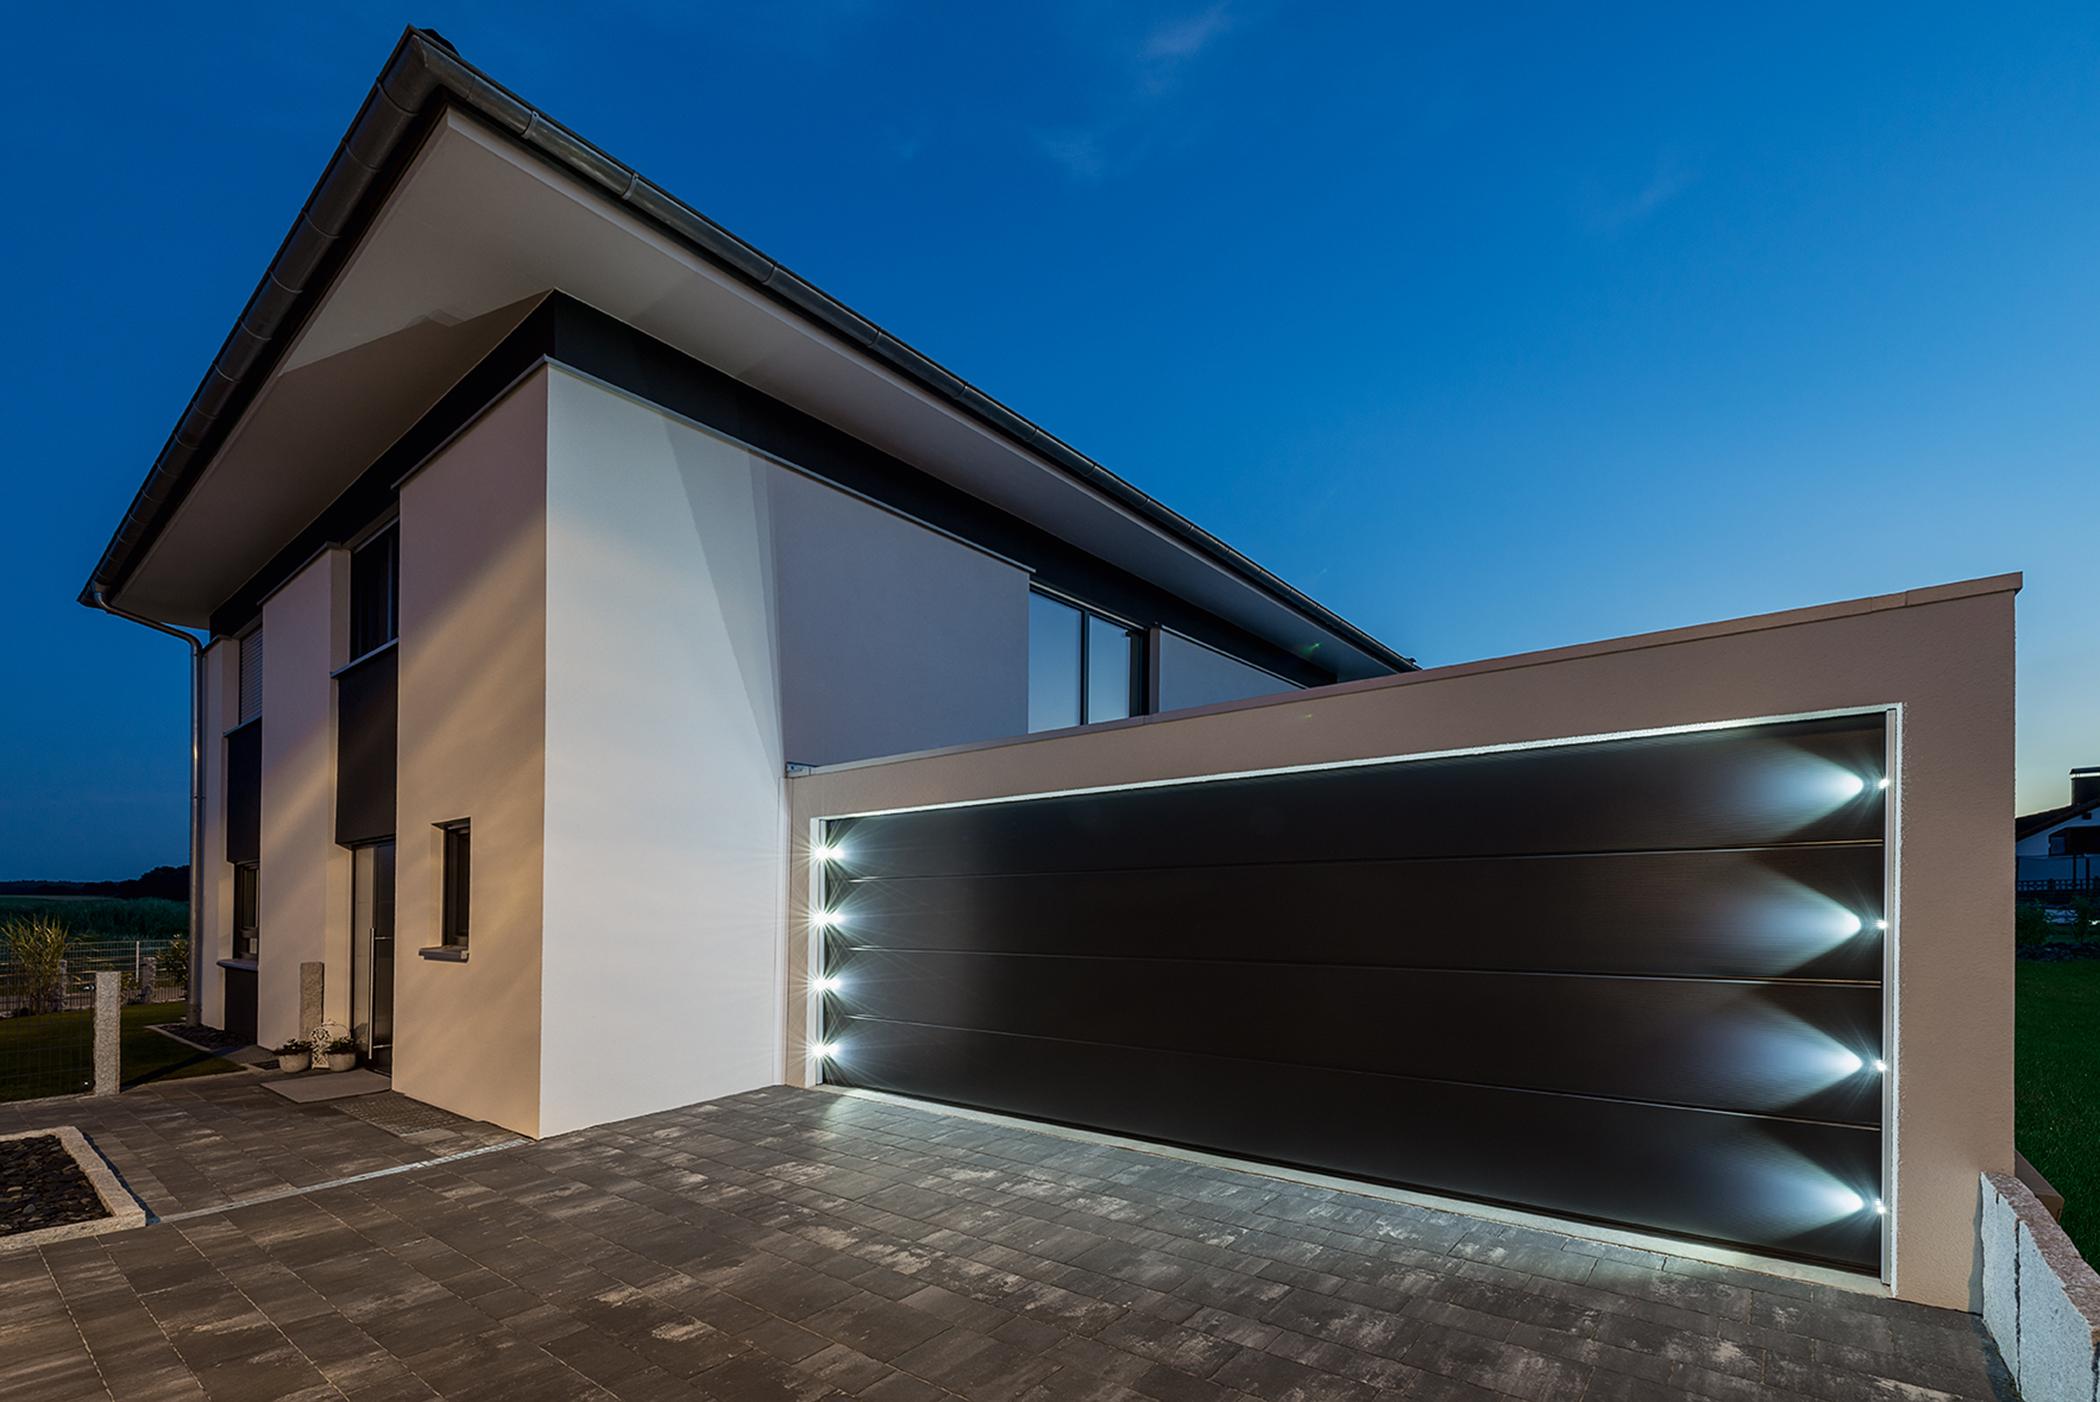 Großraumgarage mit LED-Spots